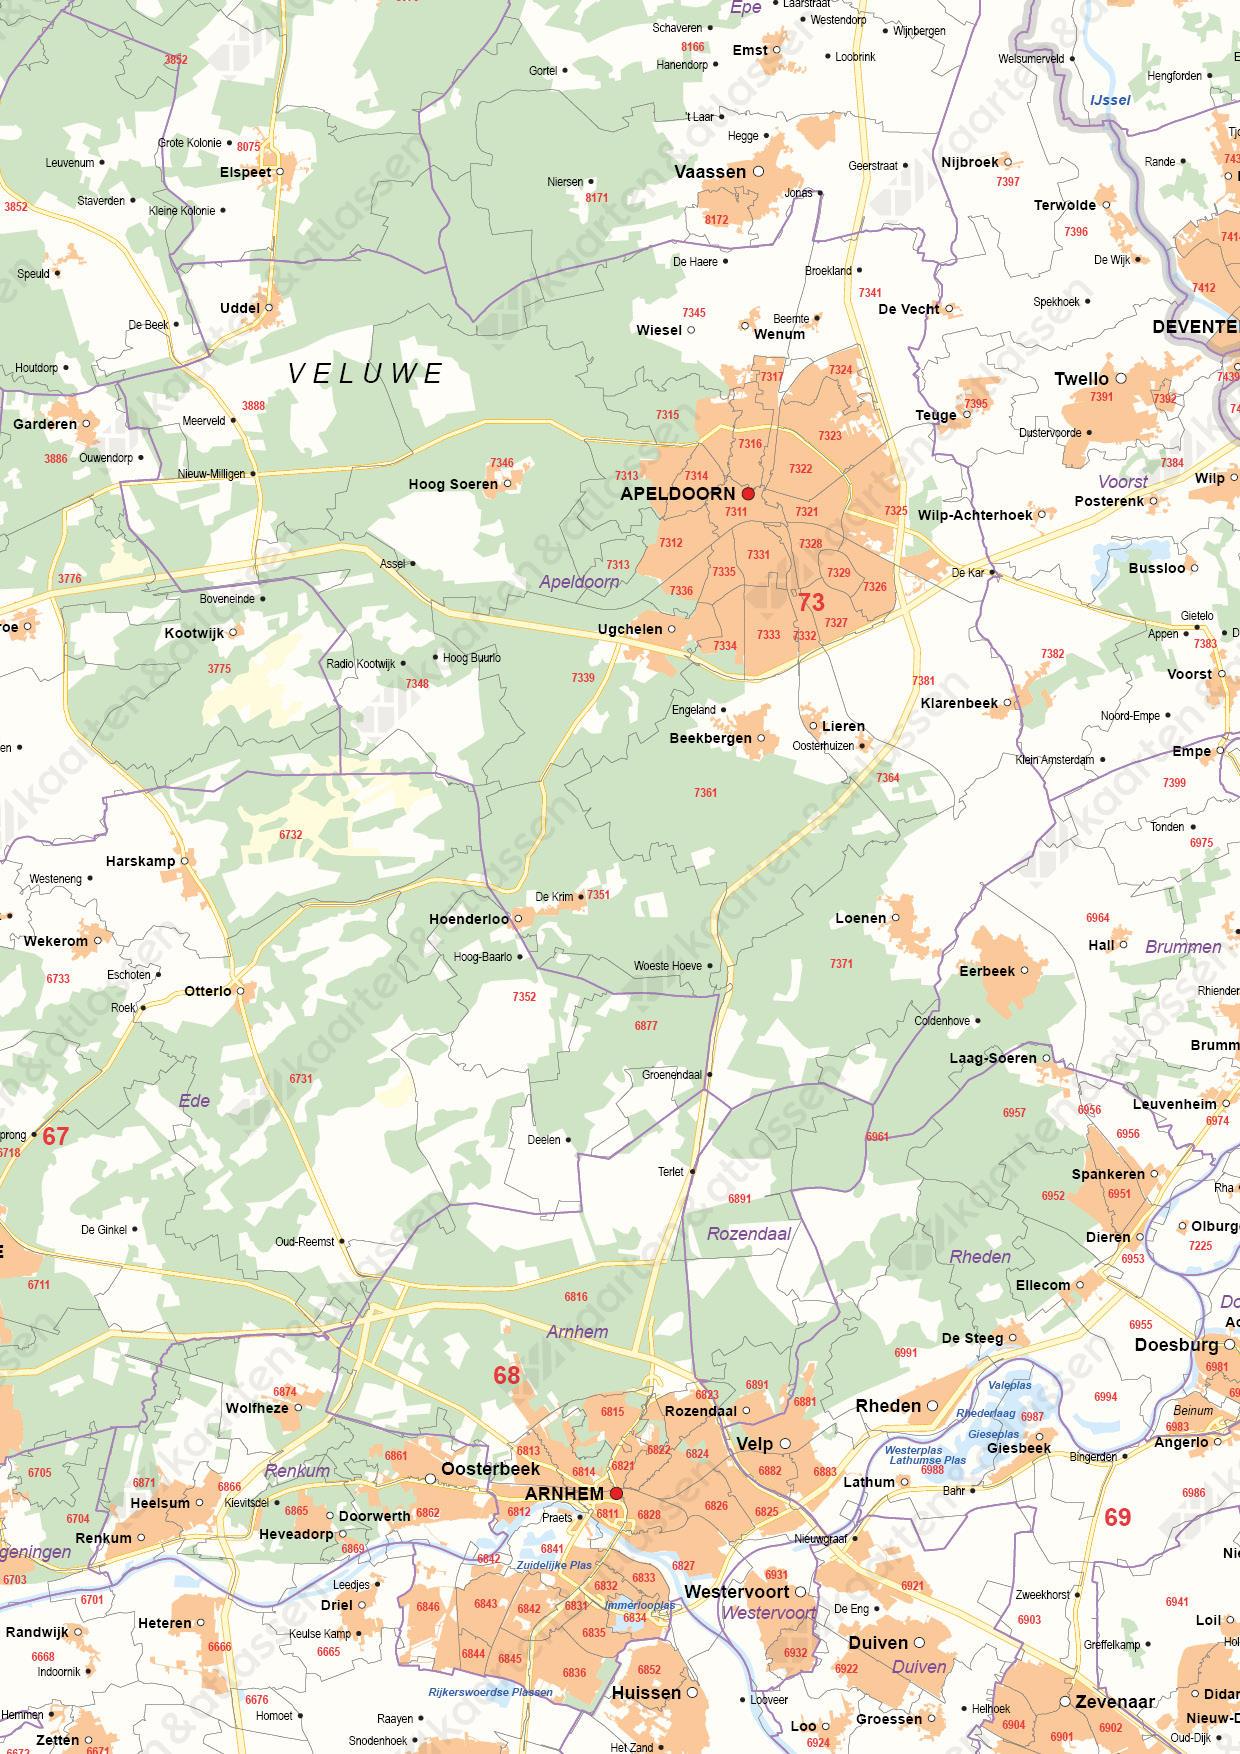 Digitale Postcode-/Gemeentekaart Gelderland